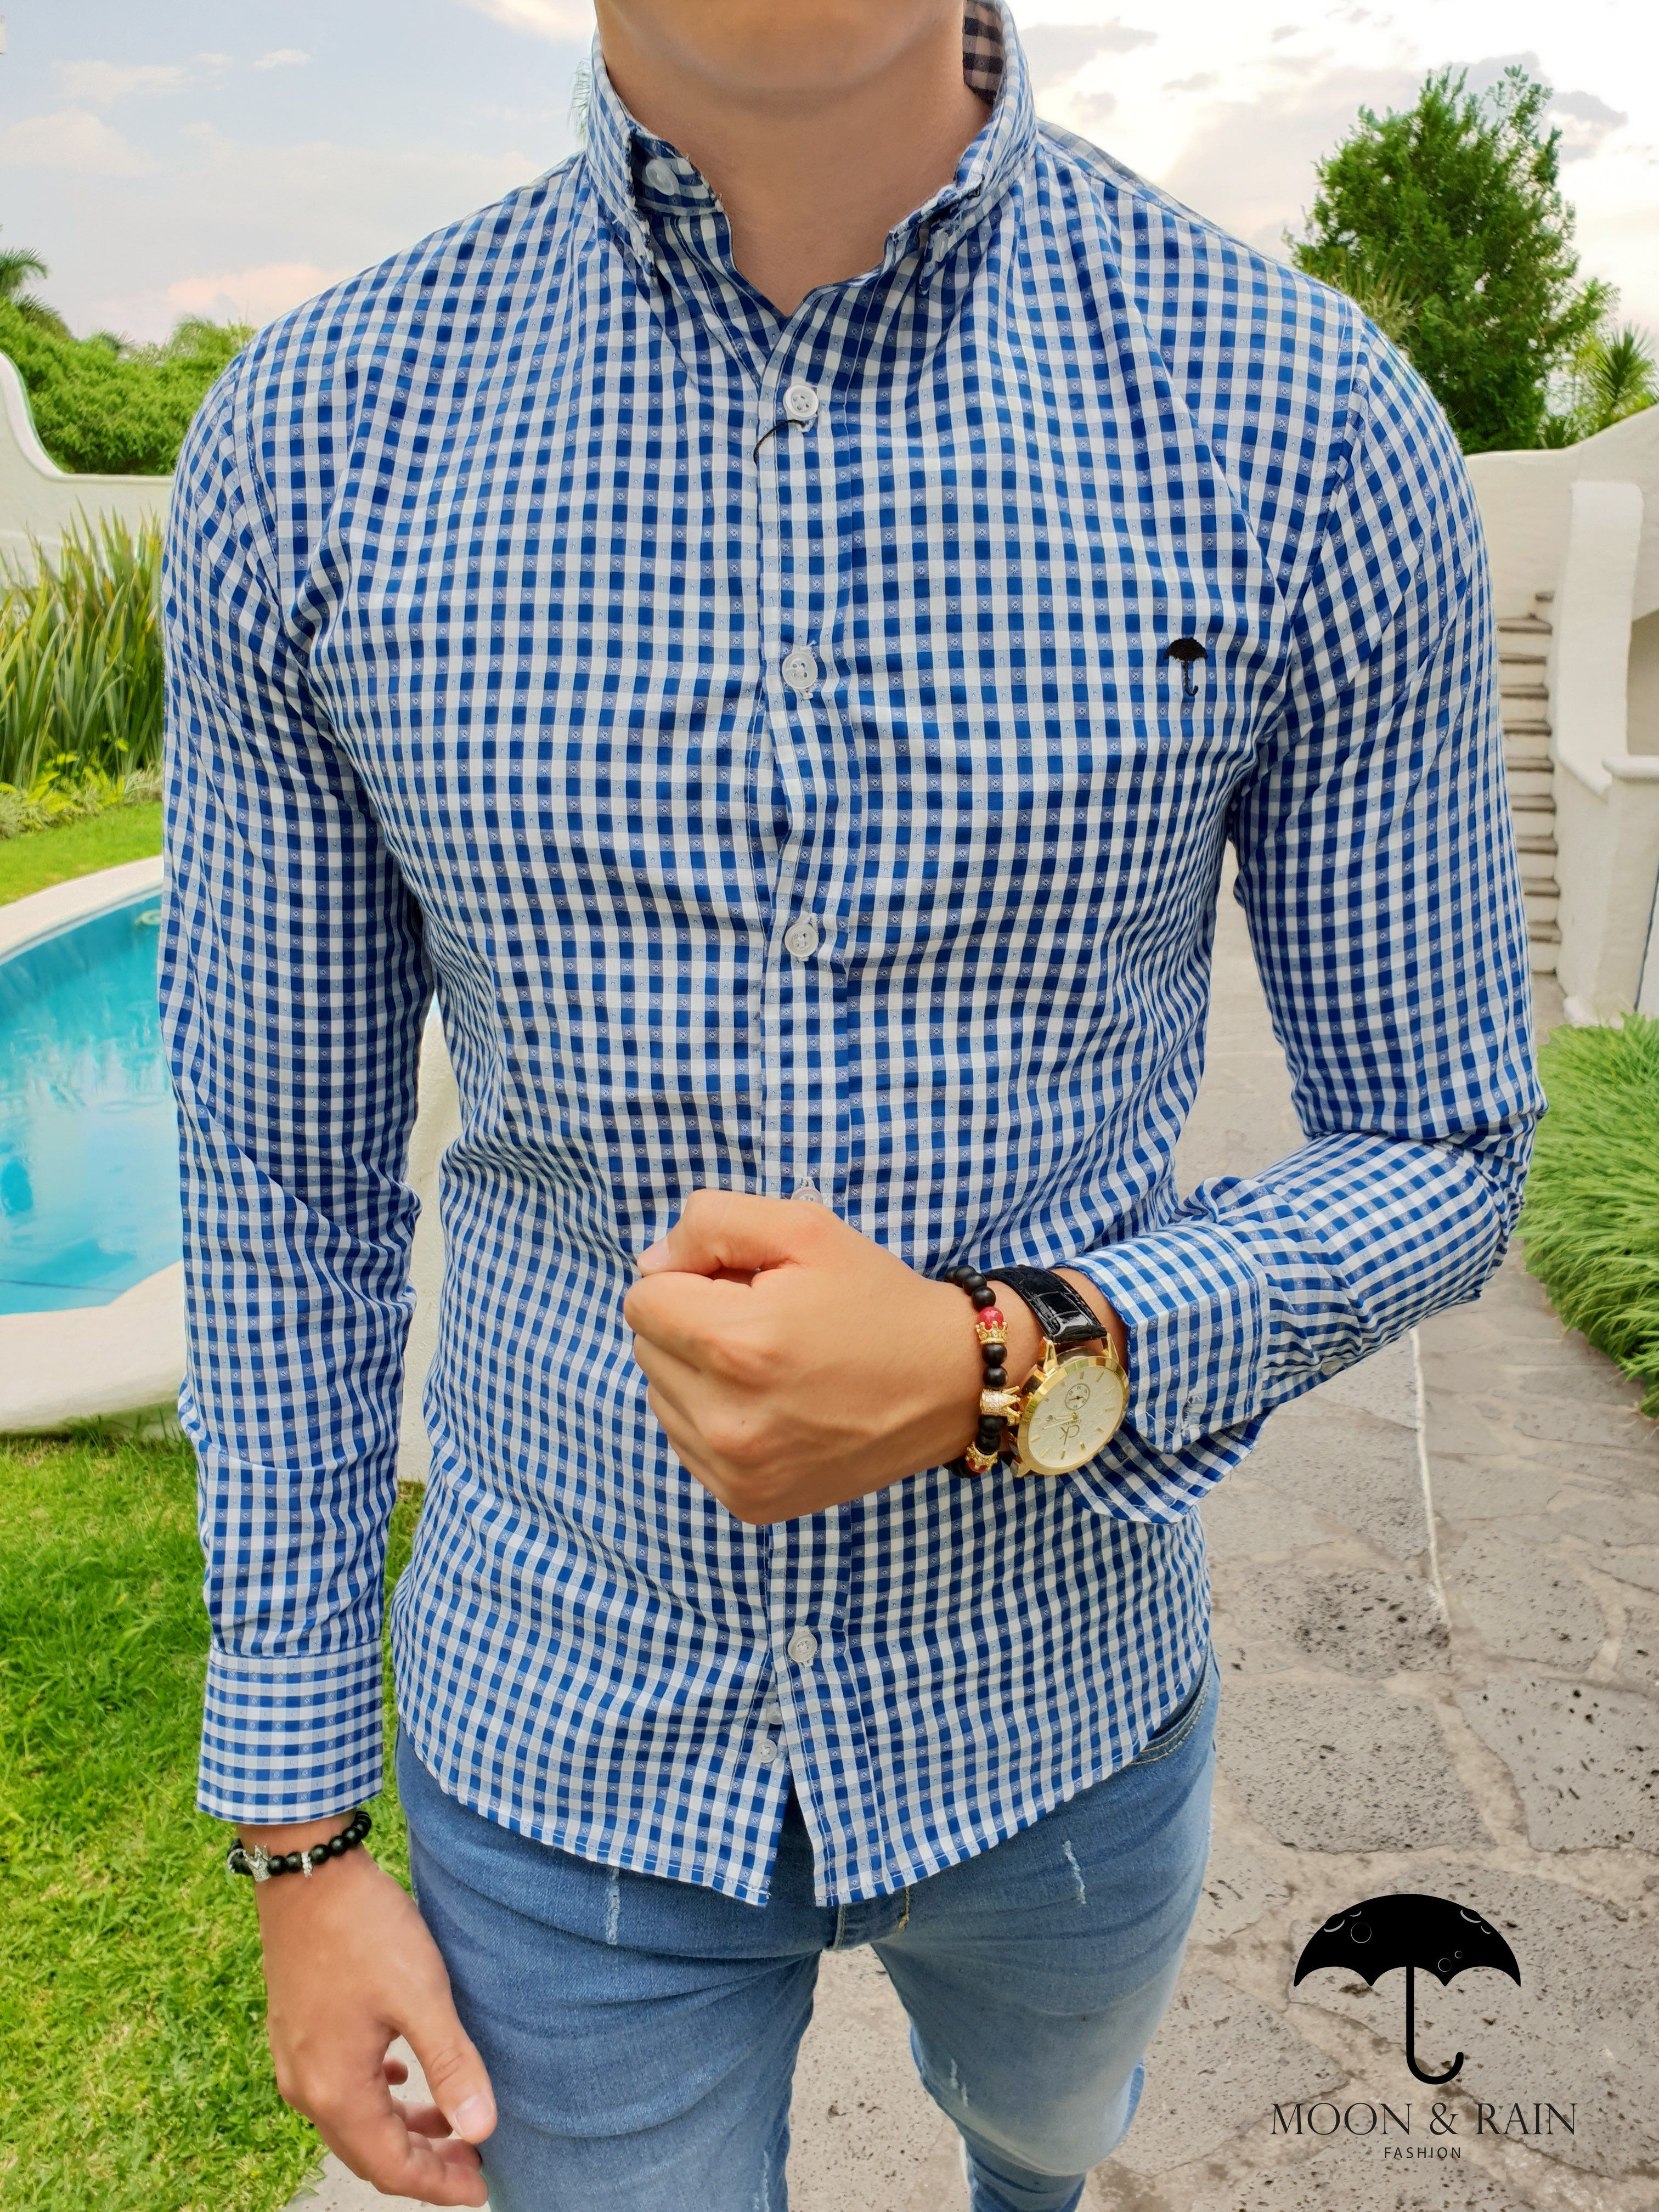 ... camisa slim fit de mini azul cielo y blanco con puntos en manga larga 7451aa95147e5